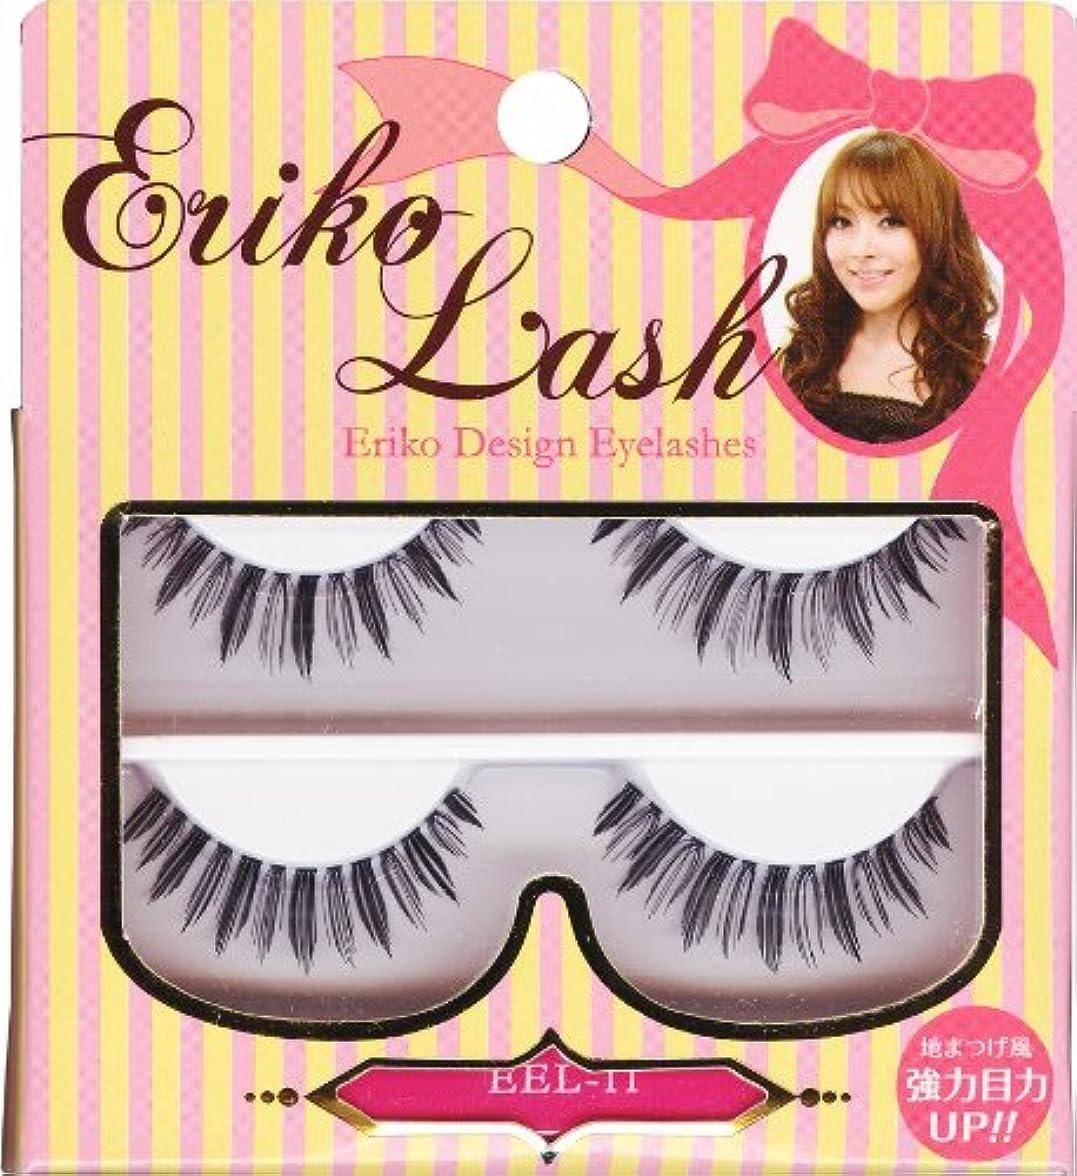 舌途方もないワークショップBEAUTY NAILER エリコラッシュ Eriko Design Eyelashes EEL-11